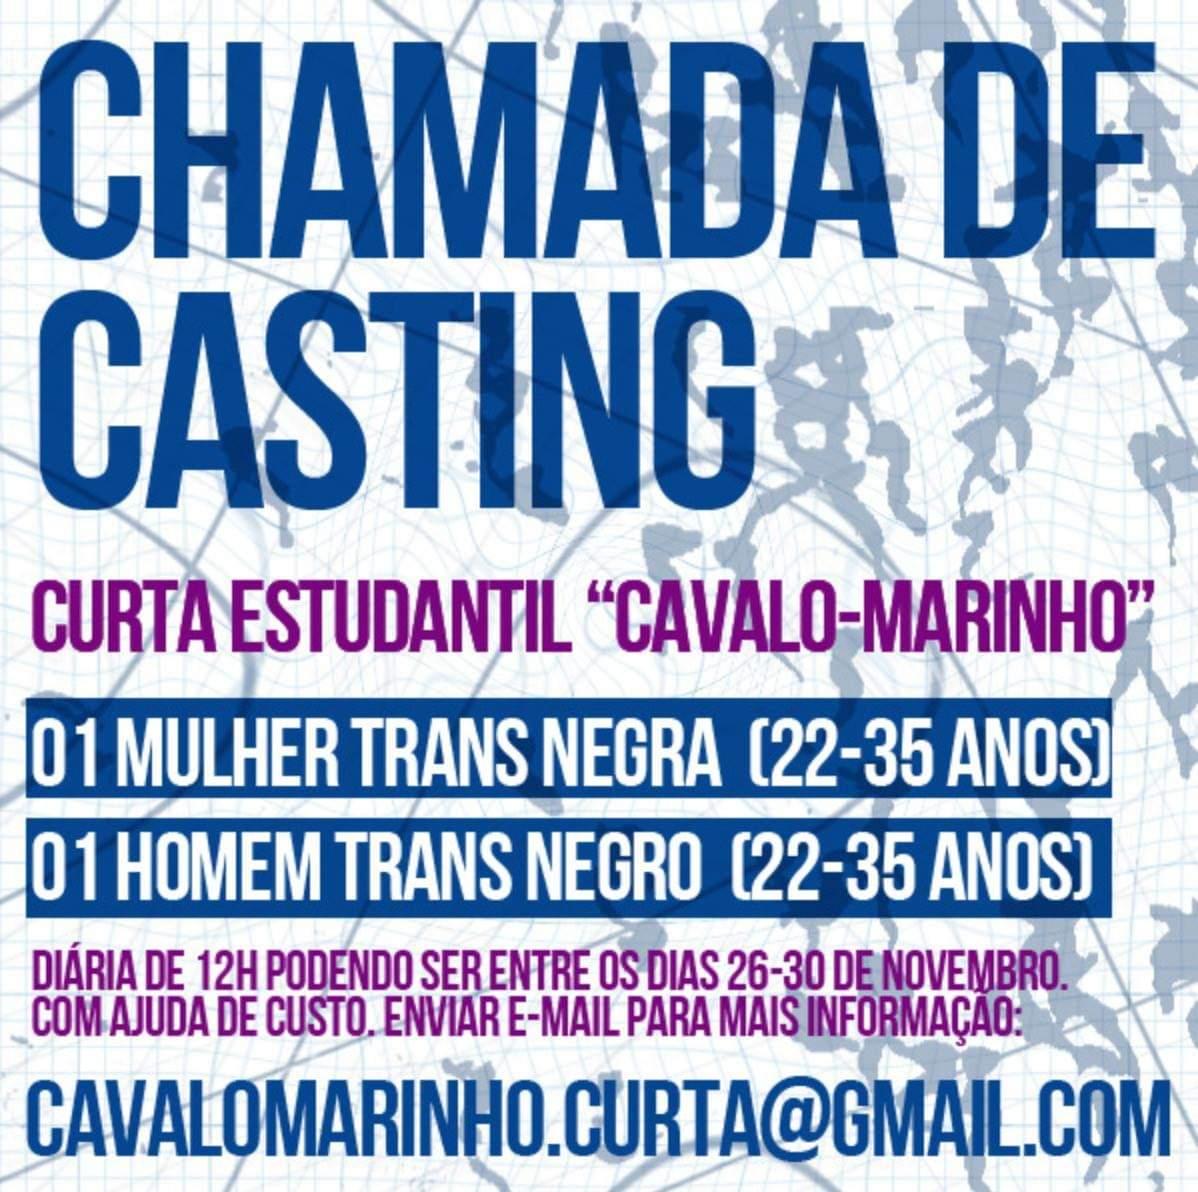 TRANSEMPREGOS DIVULGA: Procura-se 1 homem e 1 mulher TRANS NEGR@S (de 22 a 35 anos) e que queiram participar de um curta metragem em SÃO PAULO - e com ajuda de custo